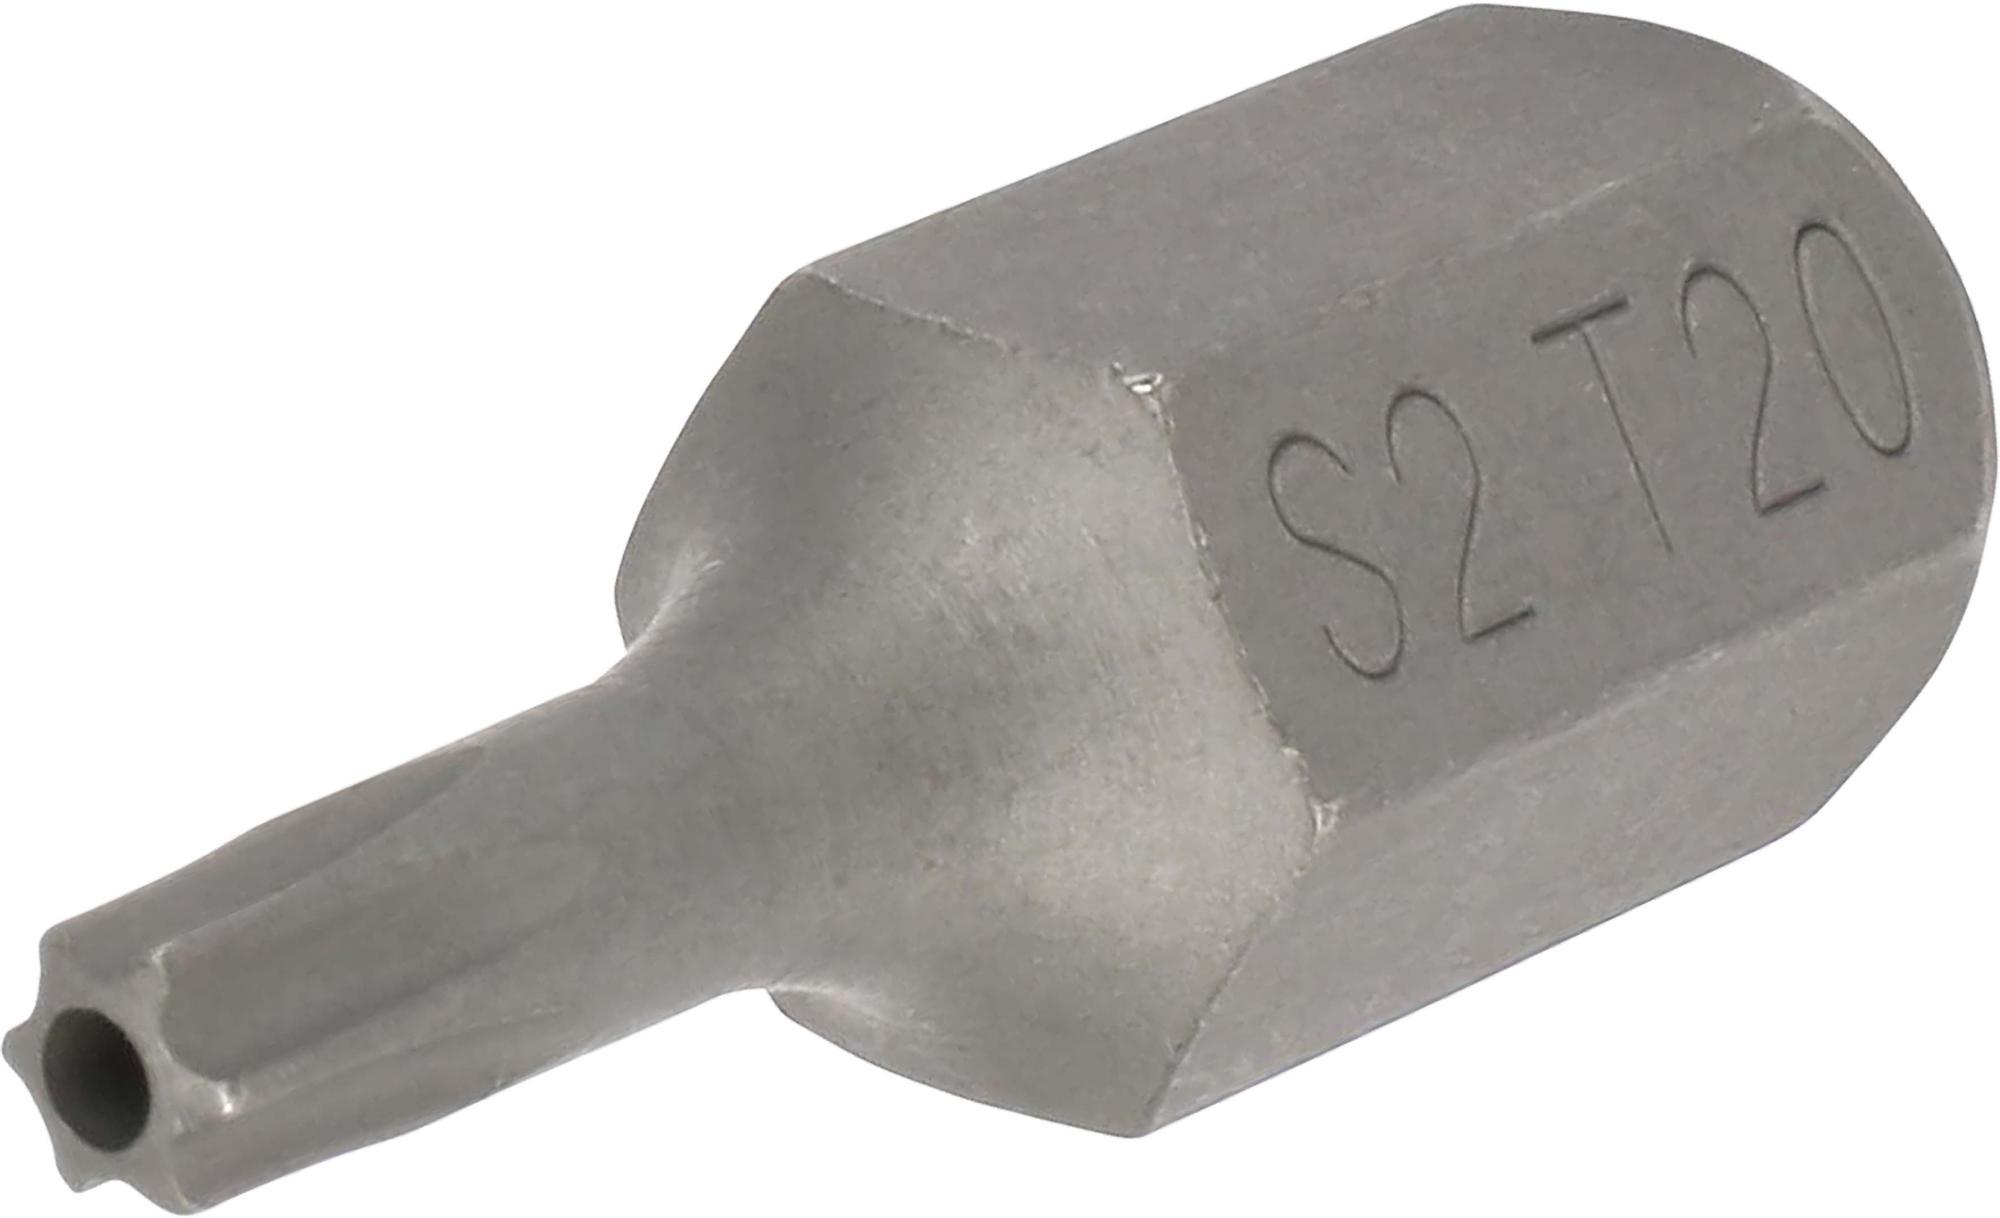 Bit, 10 mm 6-hran, TORX SLB T20x30 mm